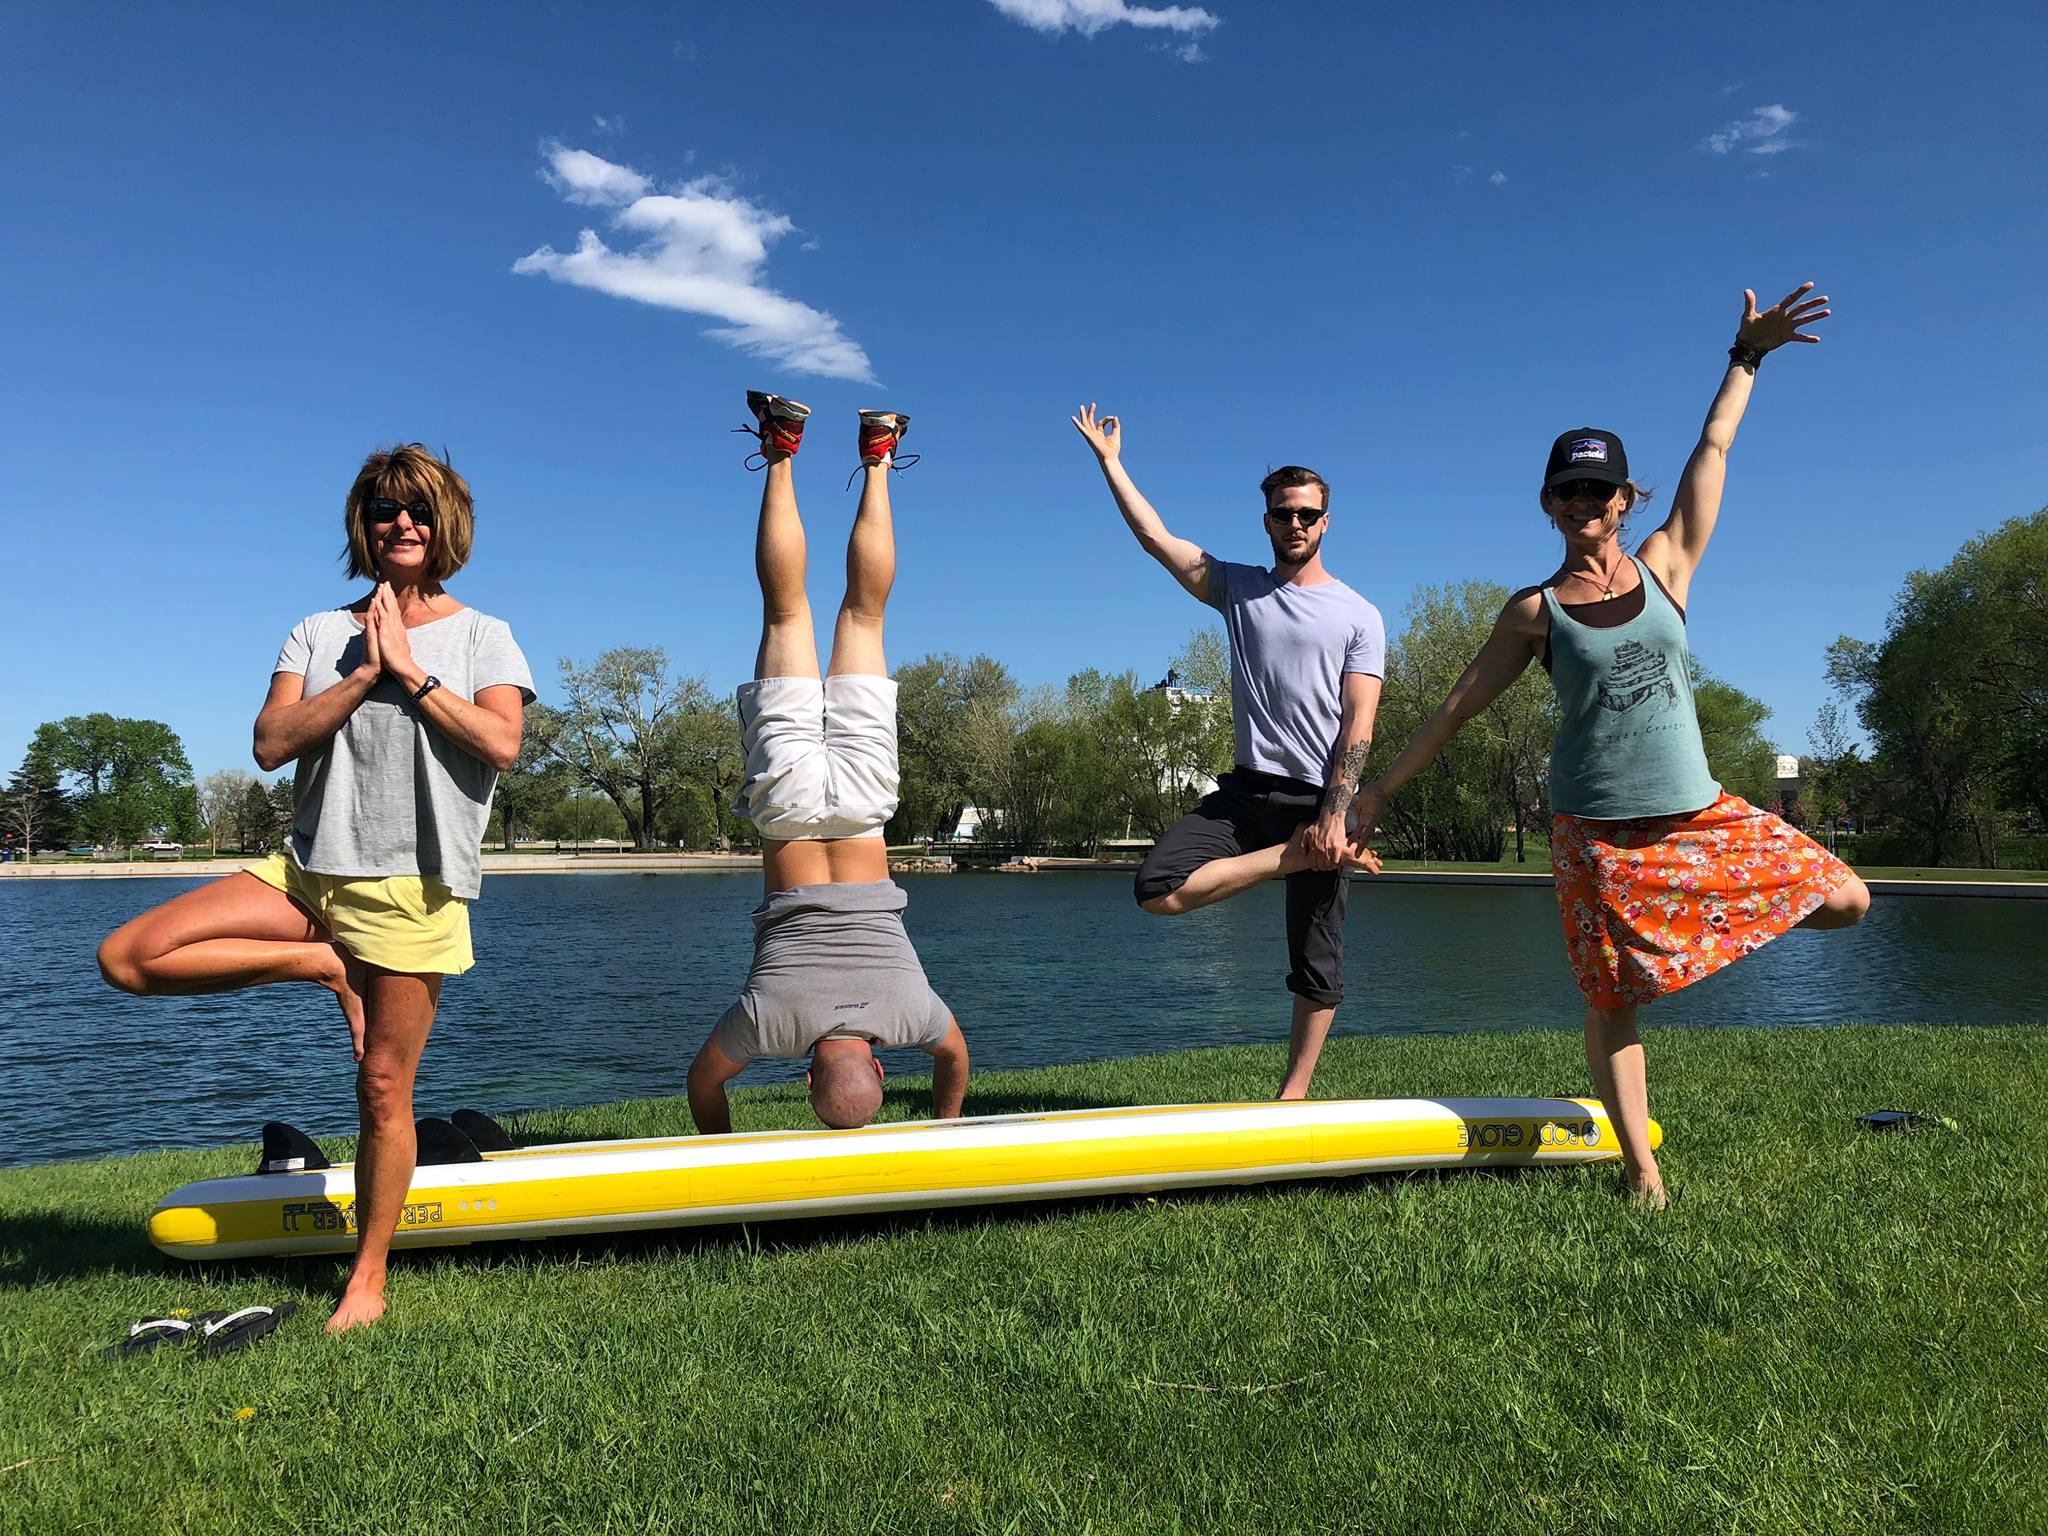 Training day for Kara, Mike, Kris & Karen. Get ready to have some fun, yogis!